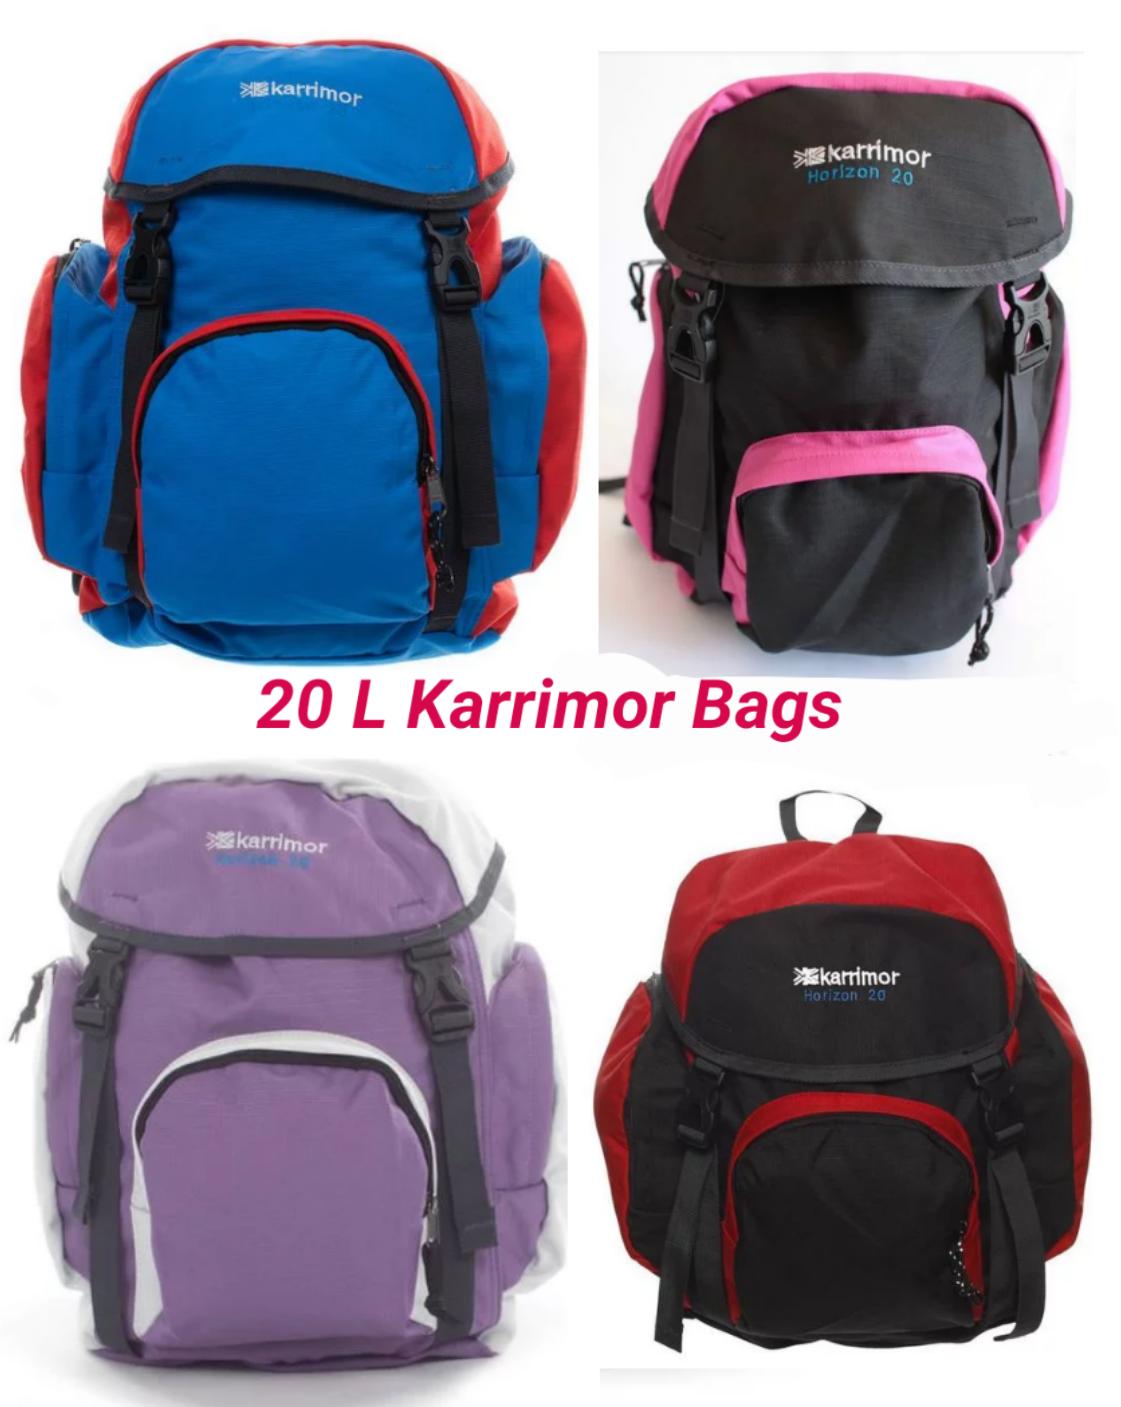 Karrimor Bag Karrimor Bags